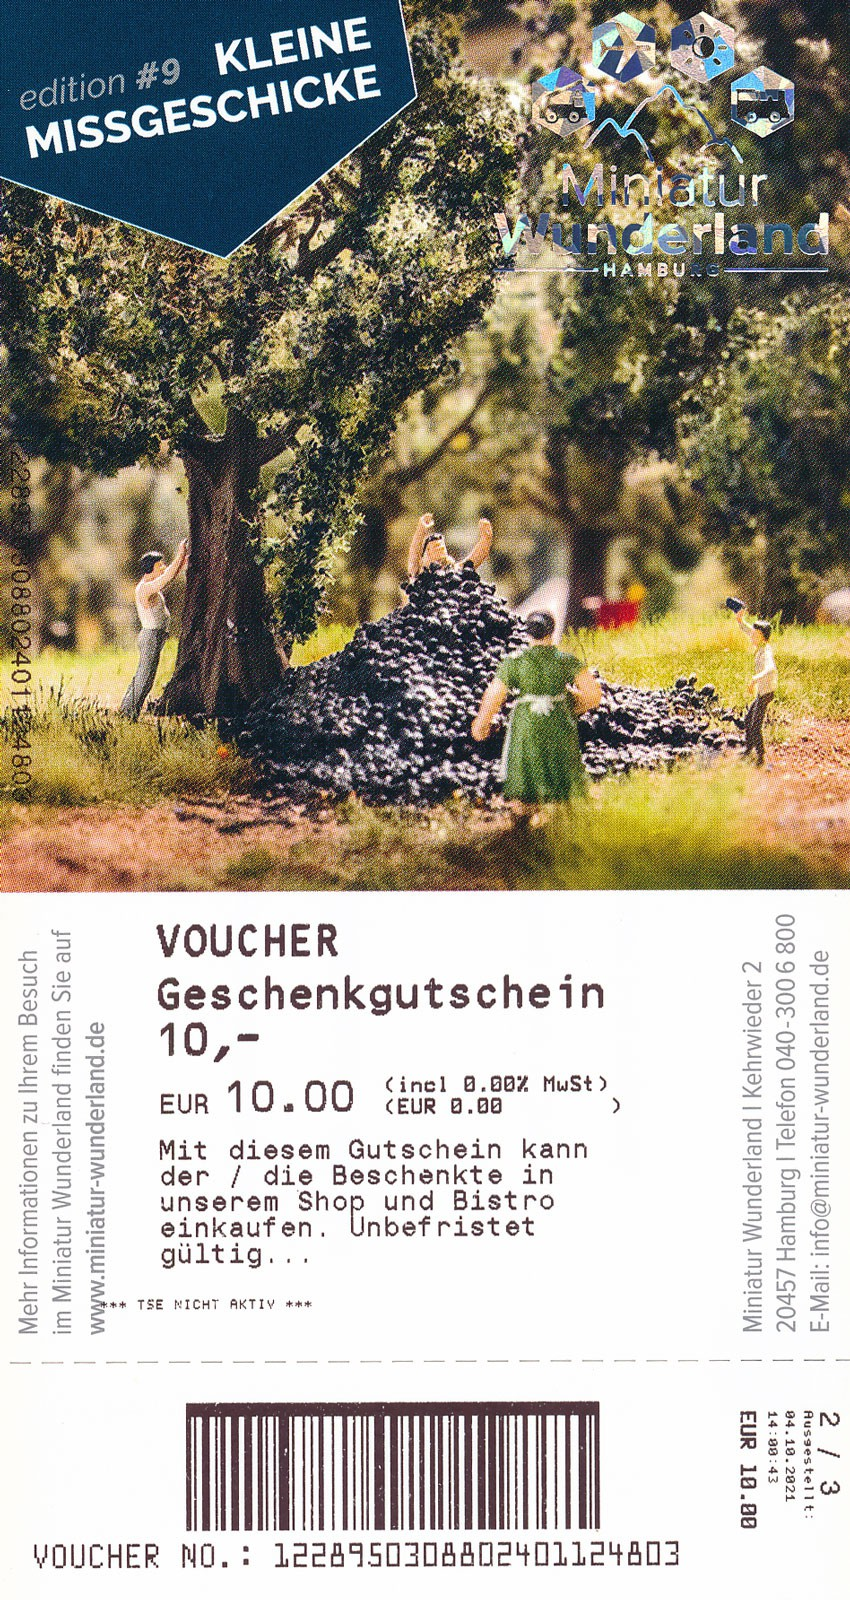 10 Euro Geschenkgutschein - Shop und Bistro